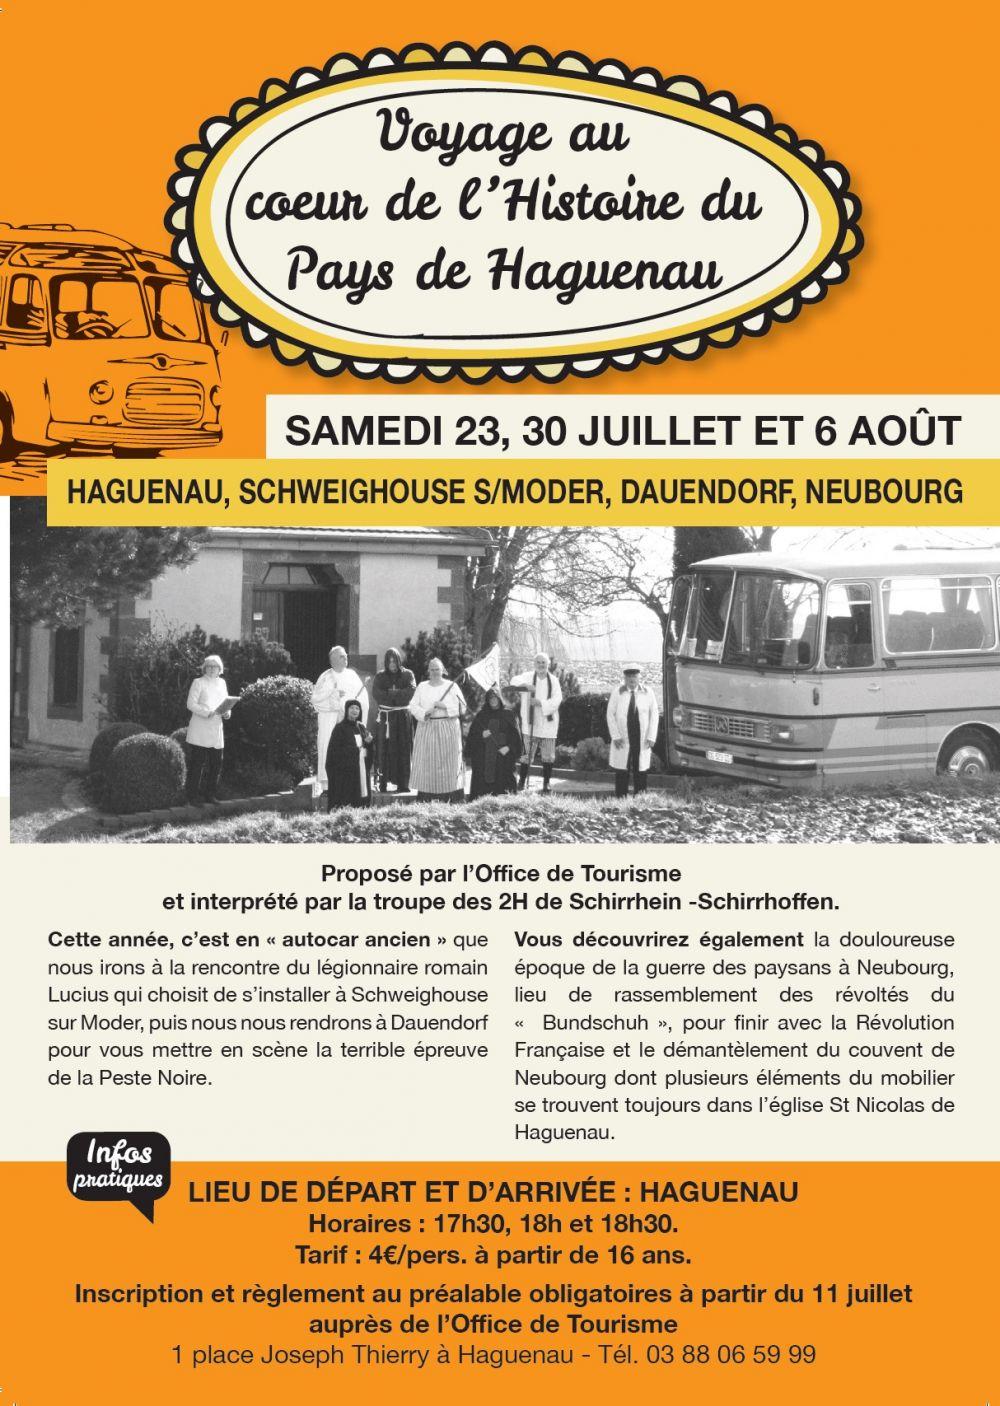 Voyage au coeur de l 39 histoire - Office du tourisme le neubourg ...